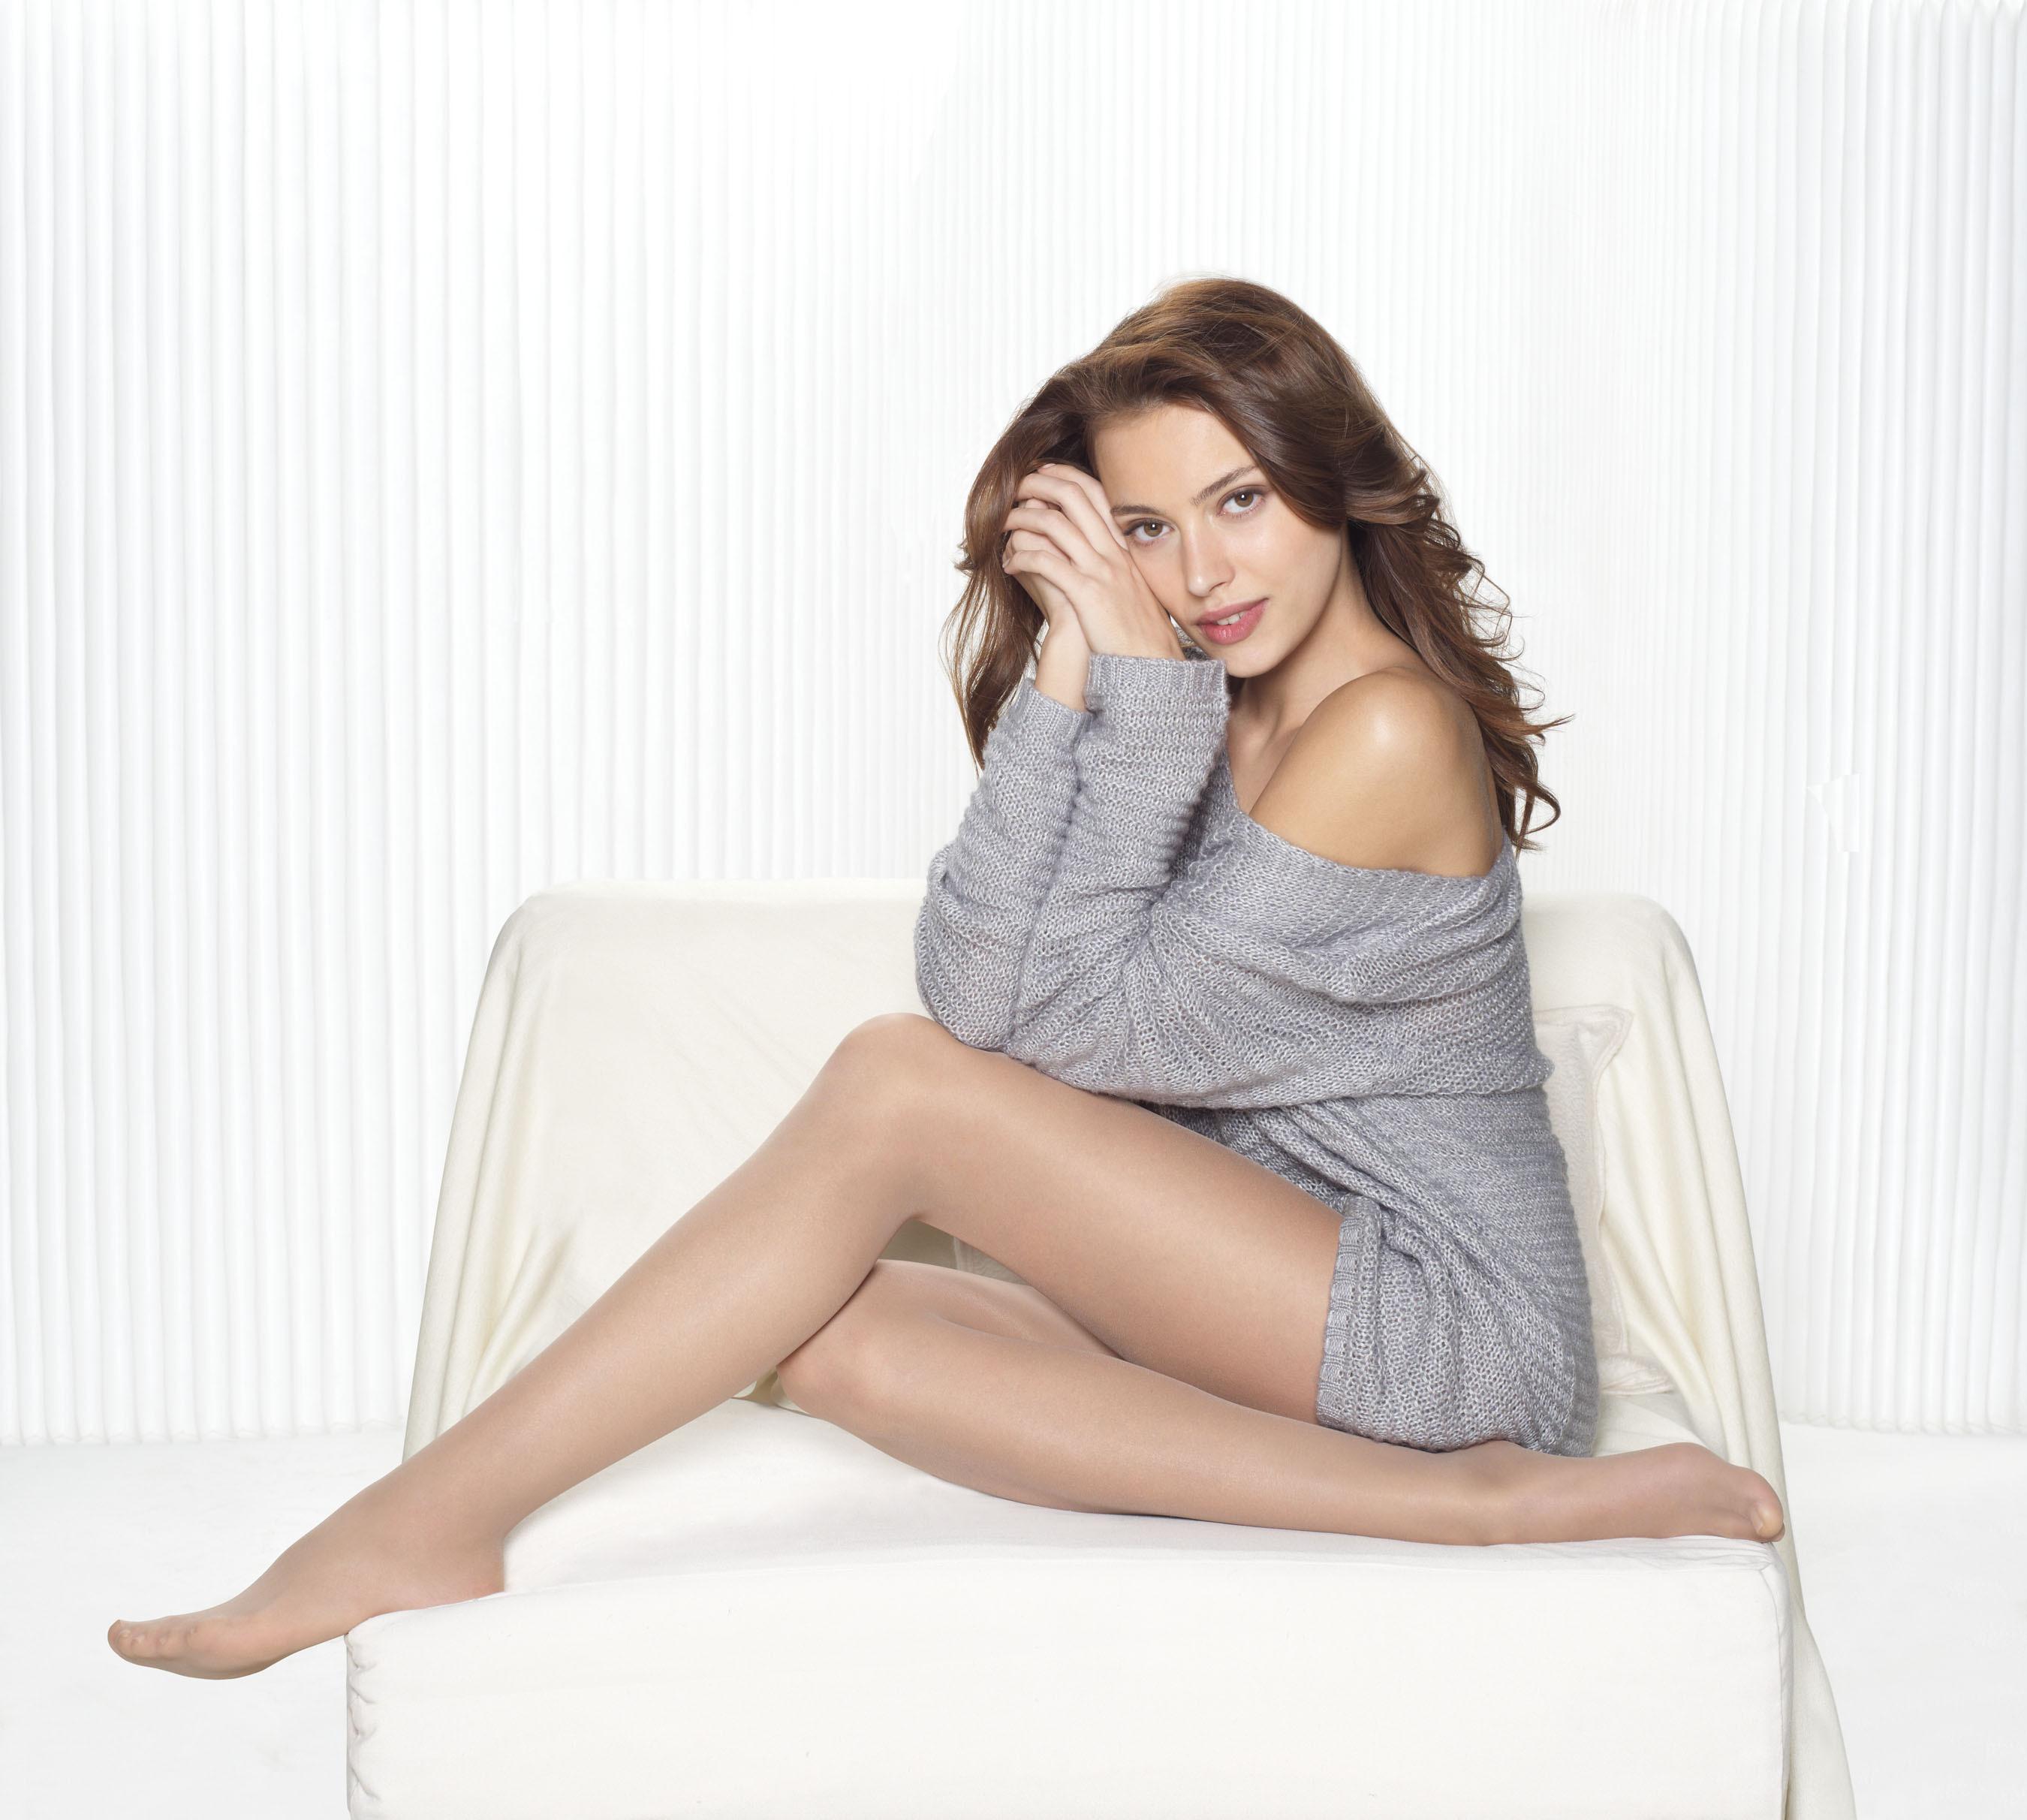 Hanes Silk Reflections introduces Pure Bliss legwear for Fall '13. (PRNewsFoto/Hanes Hosiery) (PRNewsFoto/HANES HOSIERY)